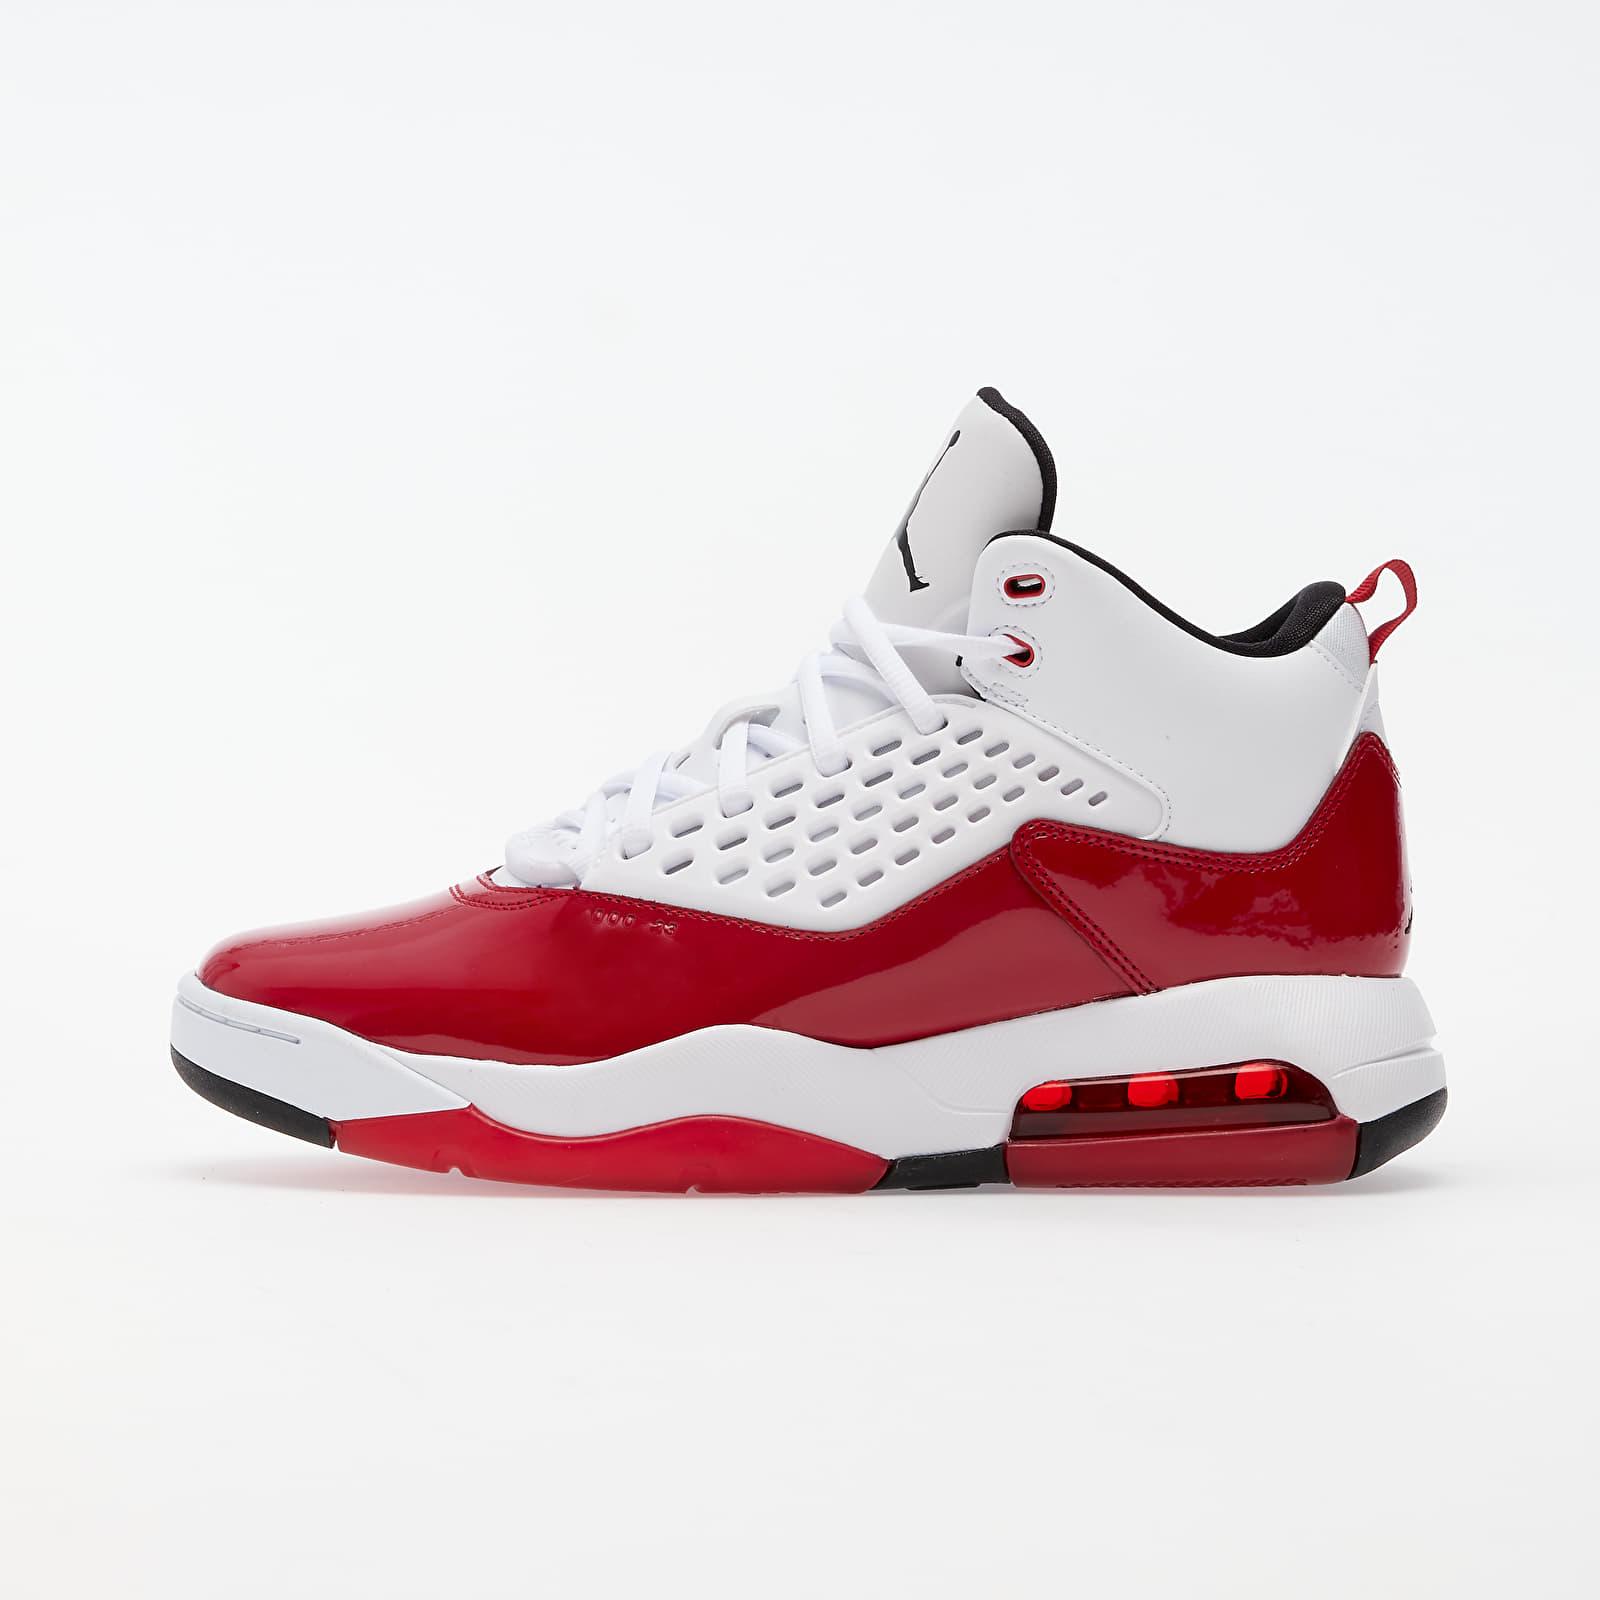 Pánské tenisky a boty Jordan Maxin 200 White/ Black-Gym Red